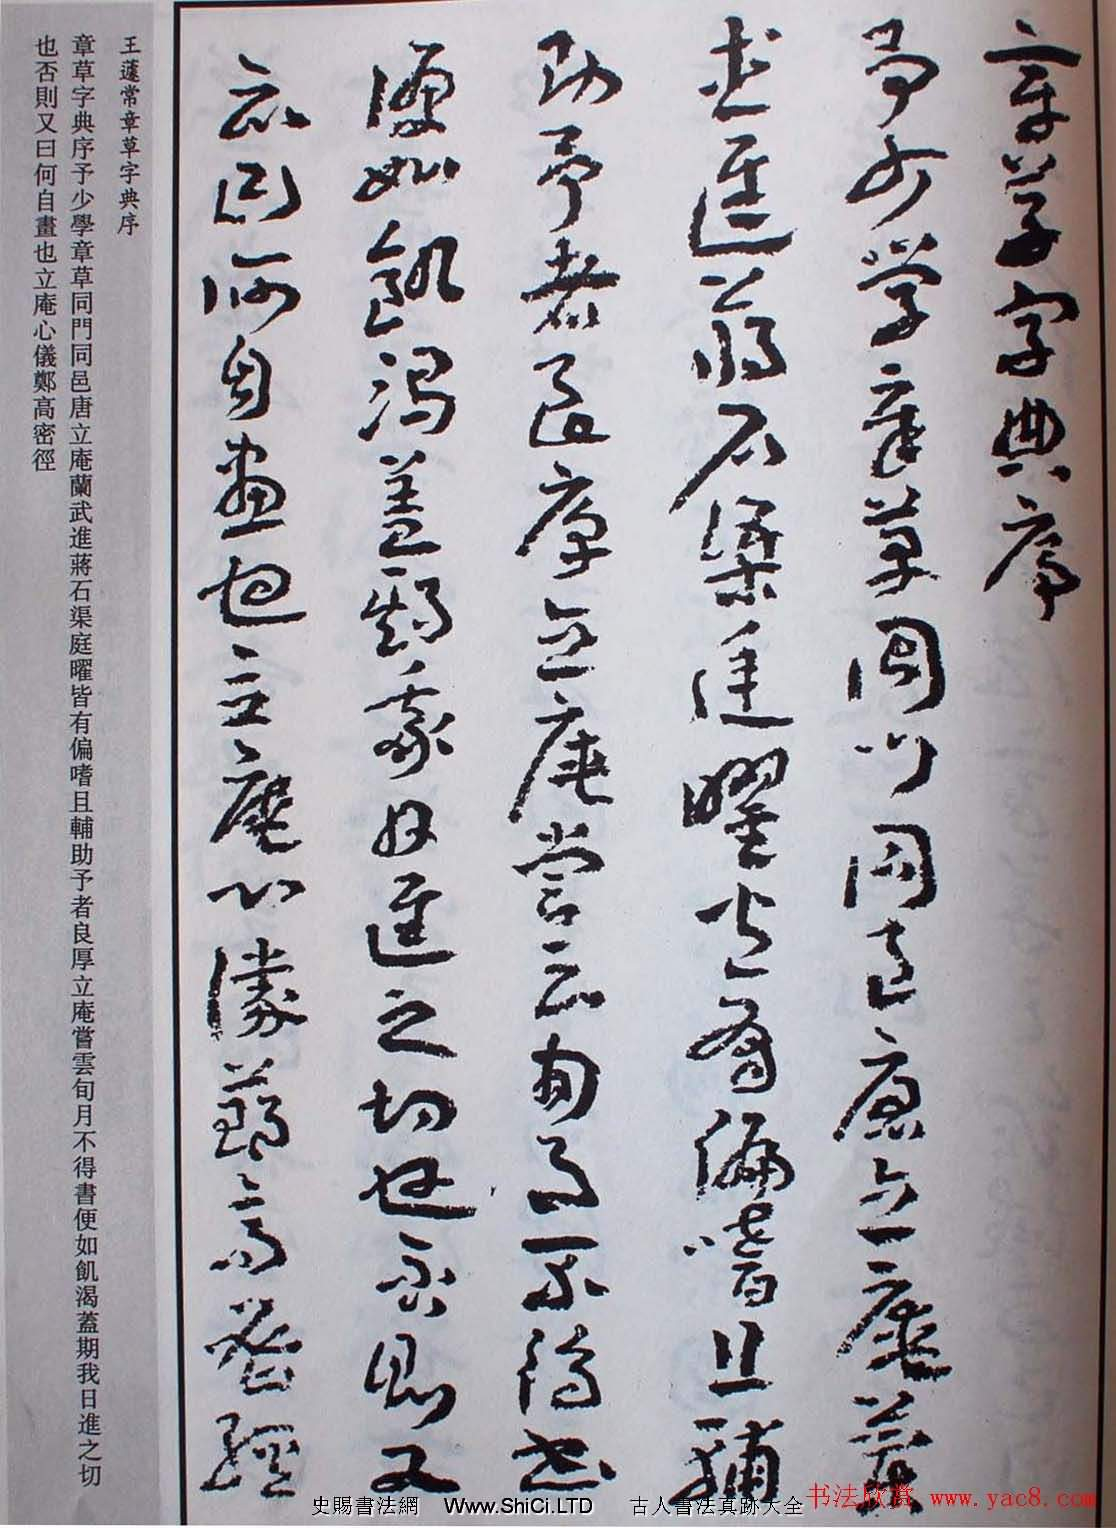 王遽常草書真跡欣賞《章草字典序》(共10張圖片)